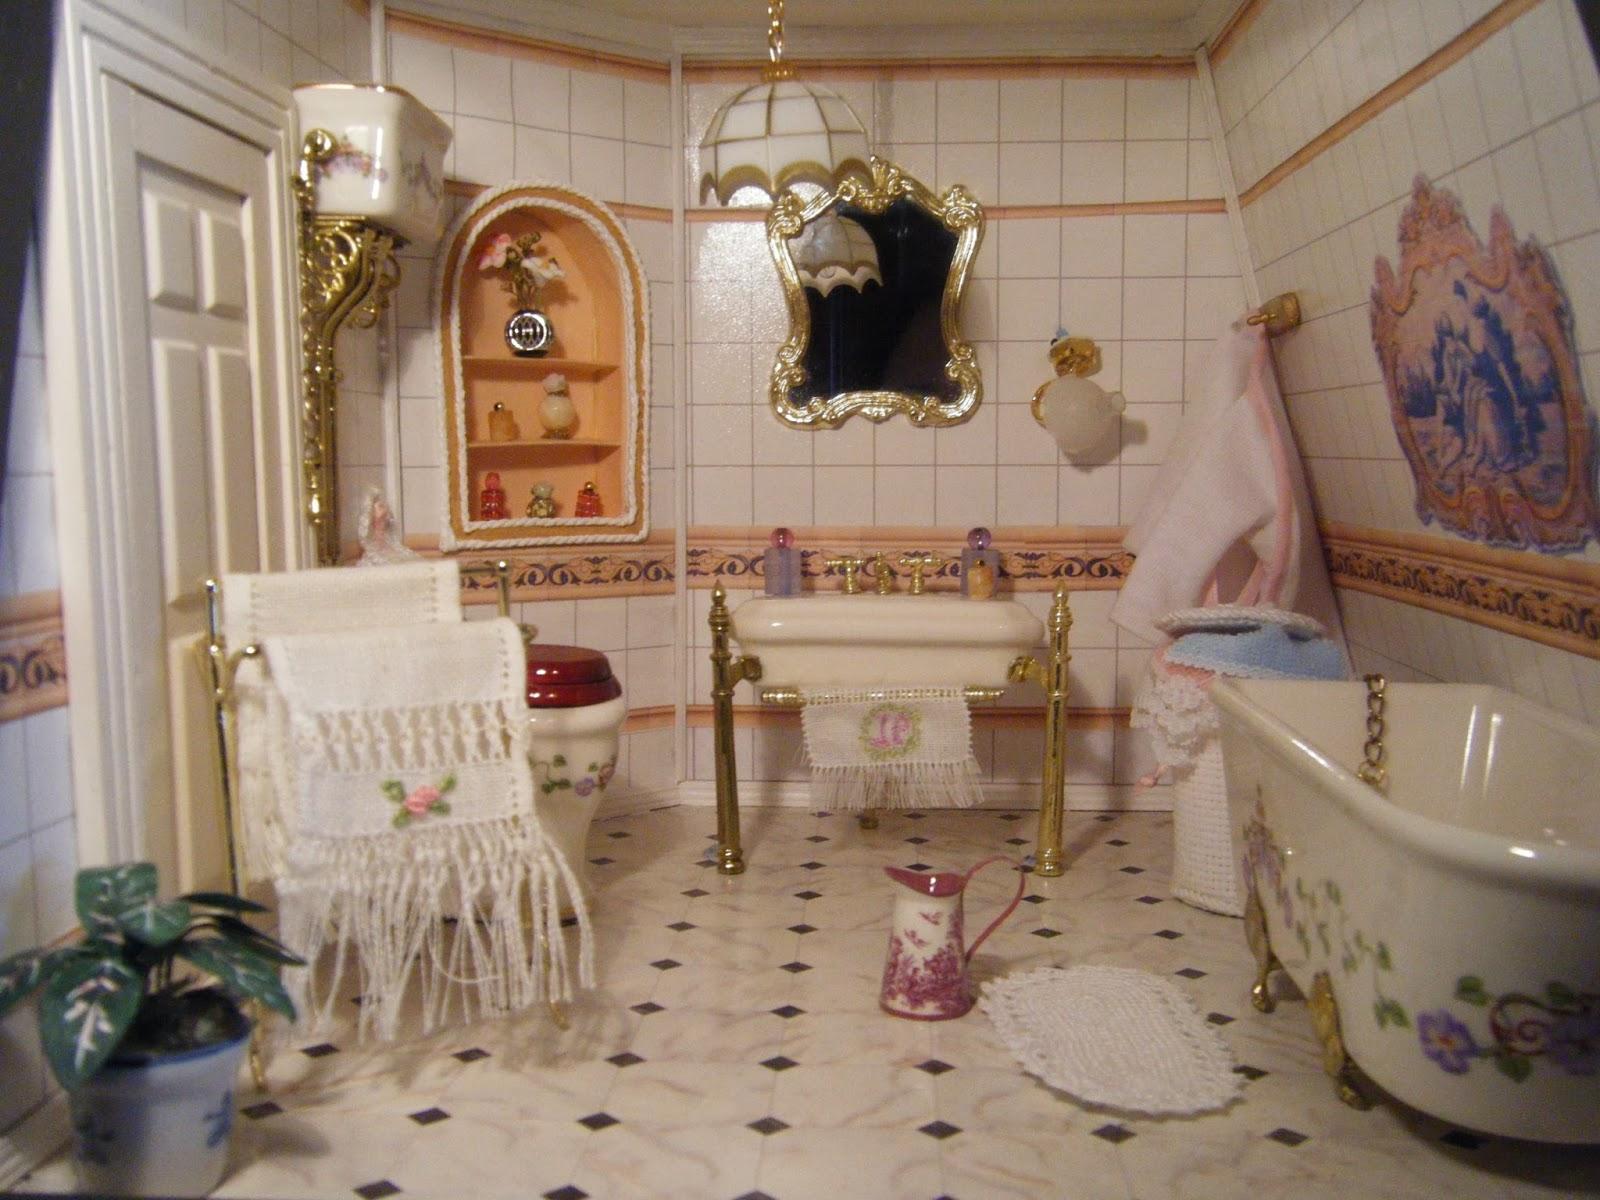 El peque o mundo de juani mi ba o victoriano for Banos antiguos decoracion